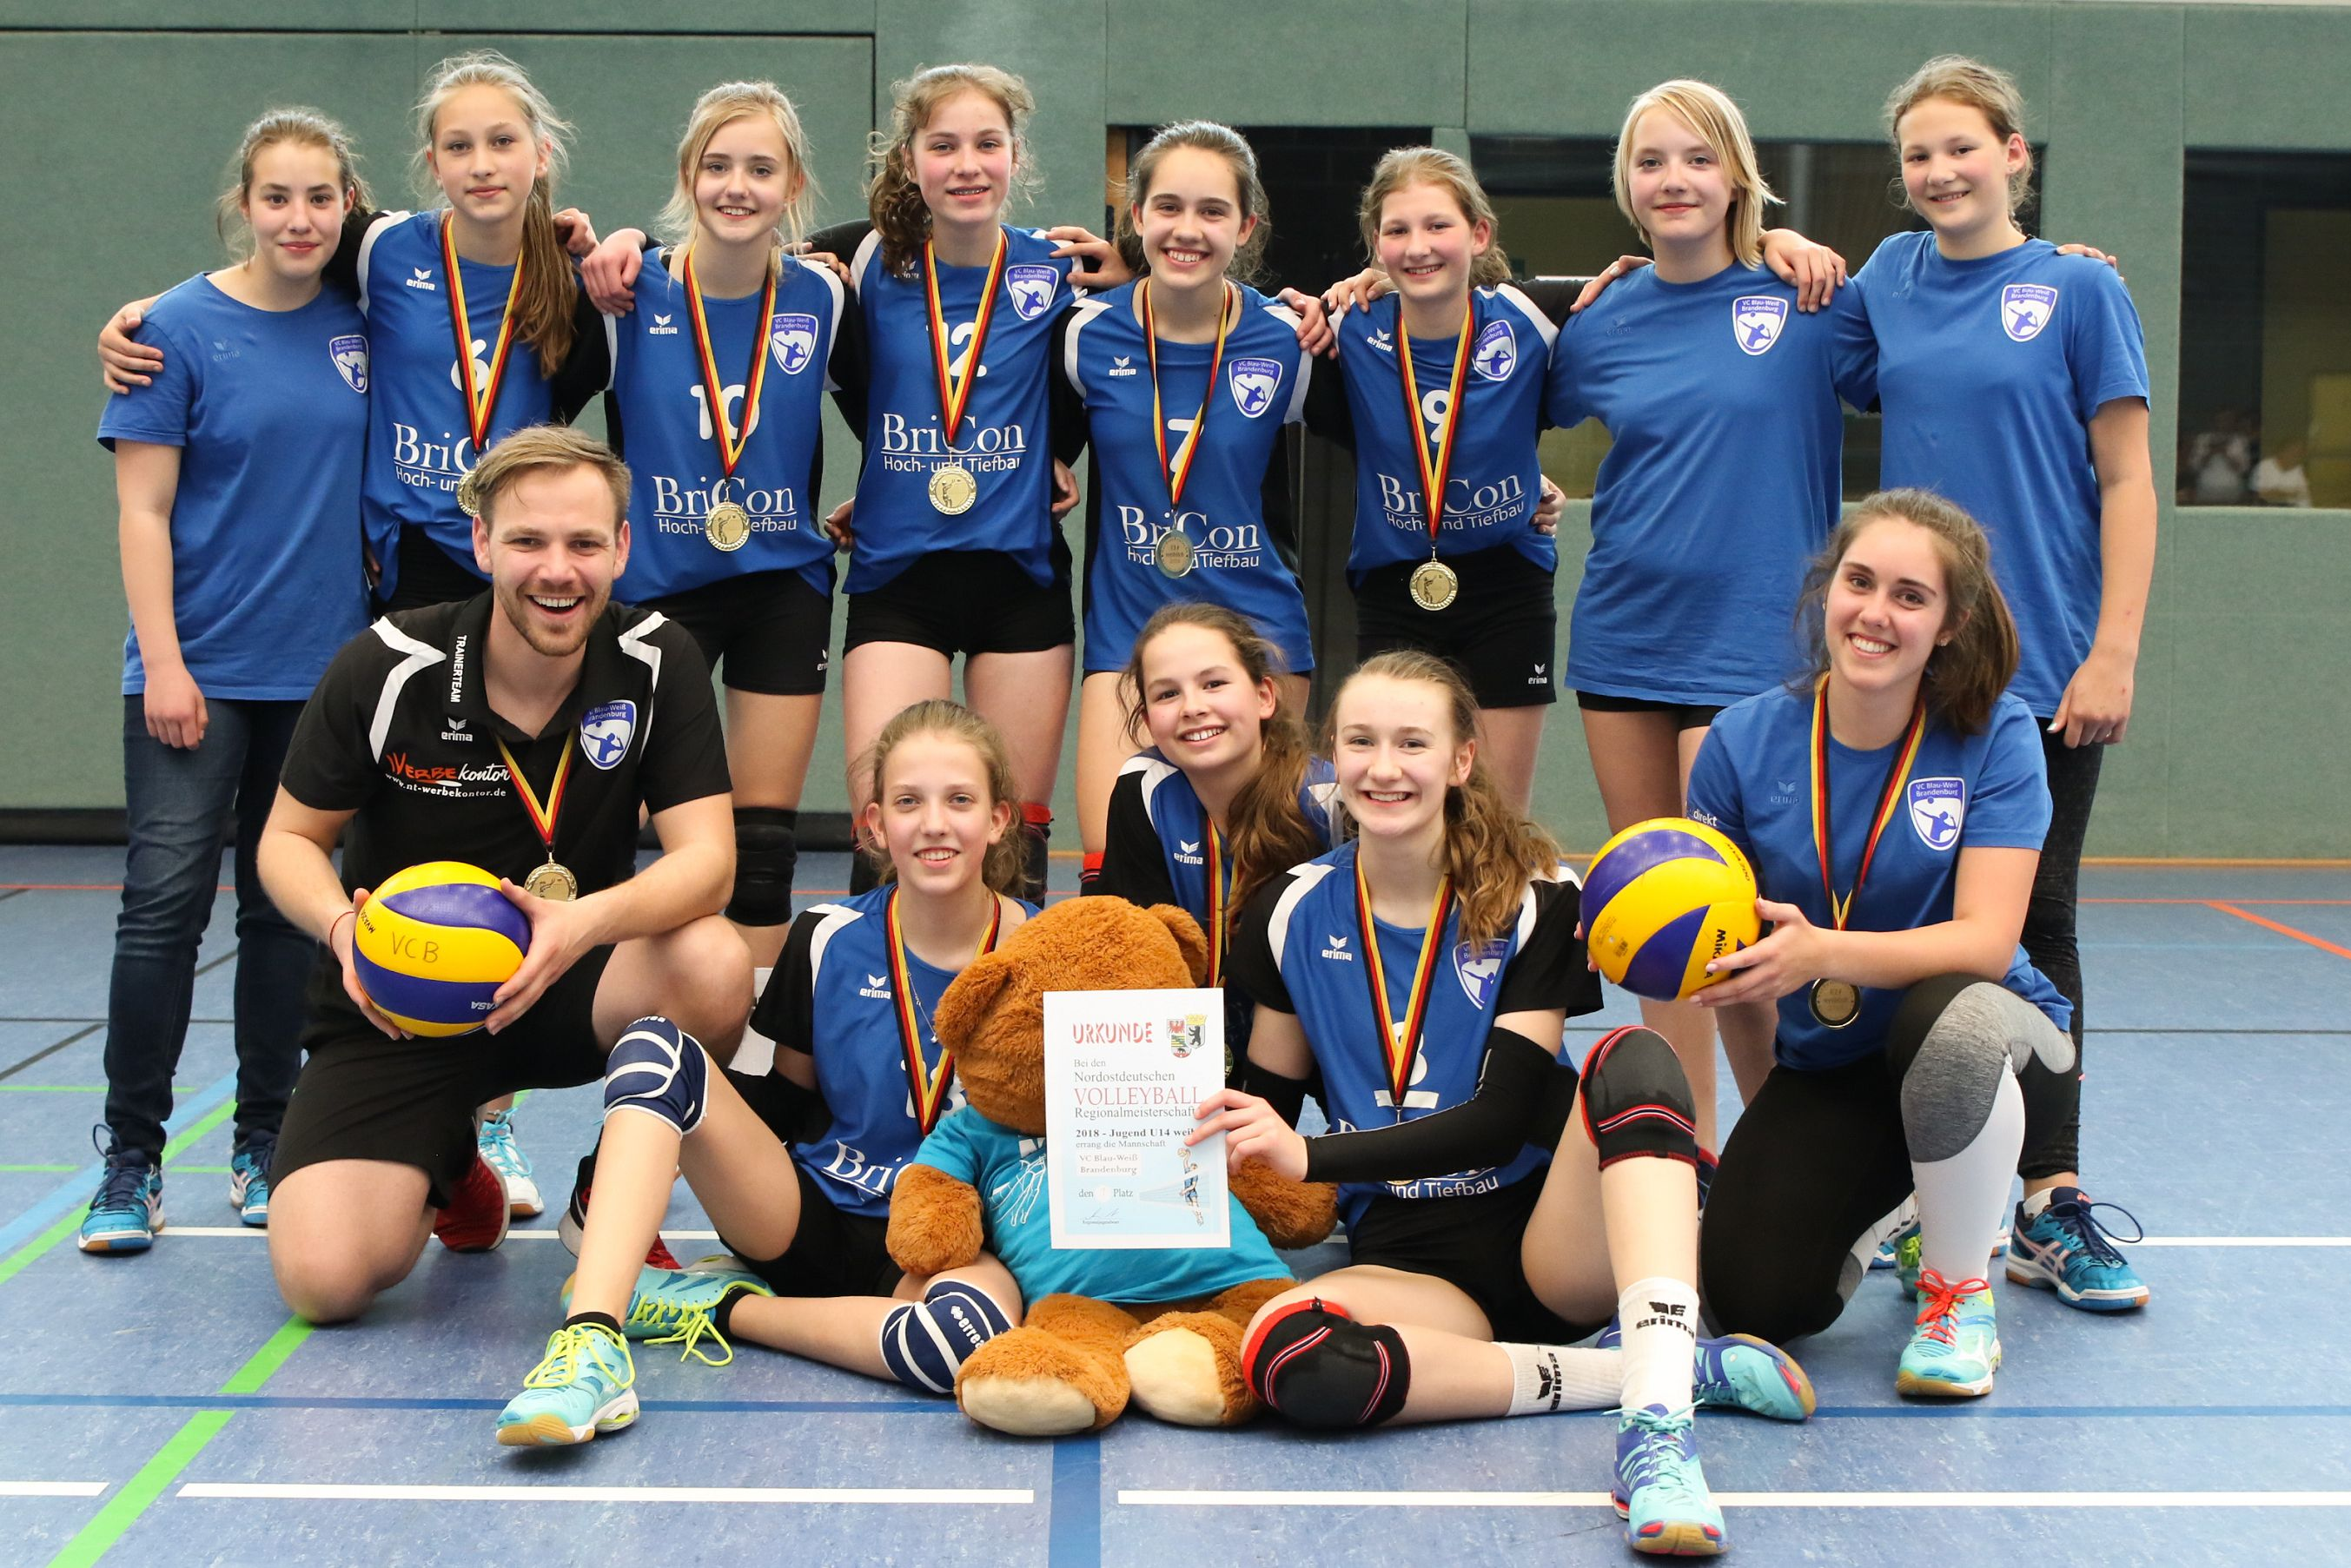 Volleyball Brandenburg